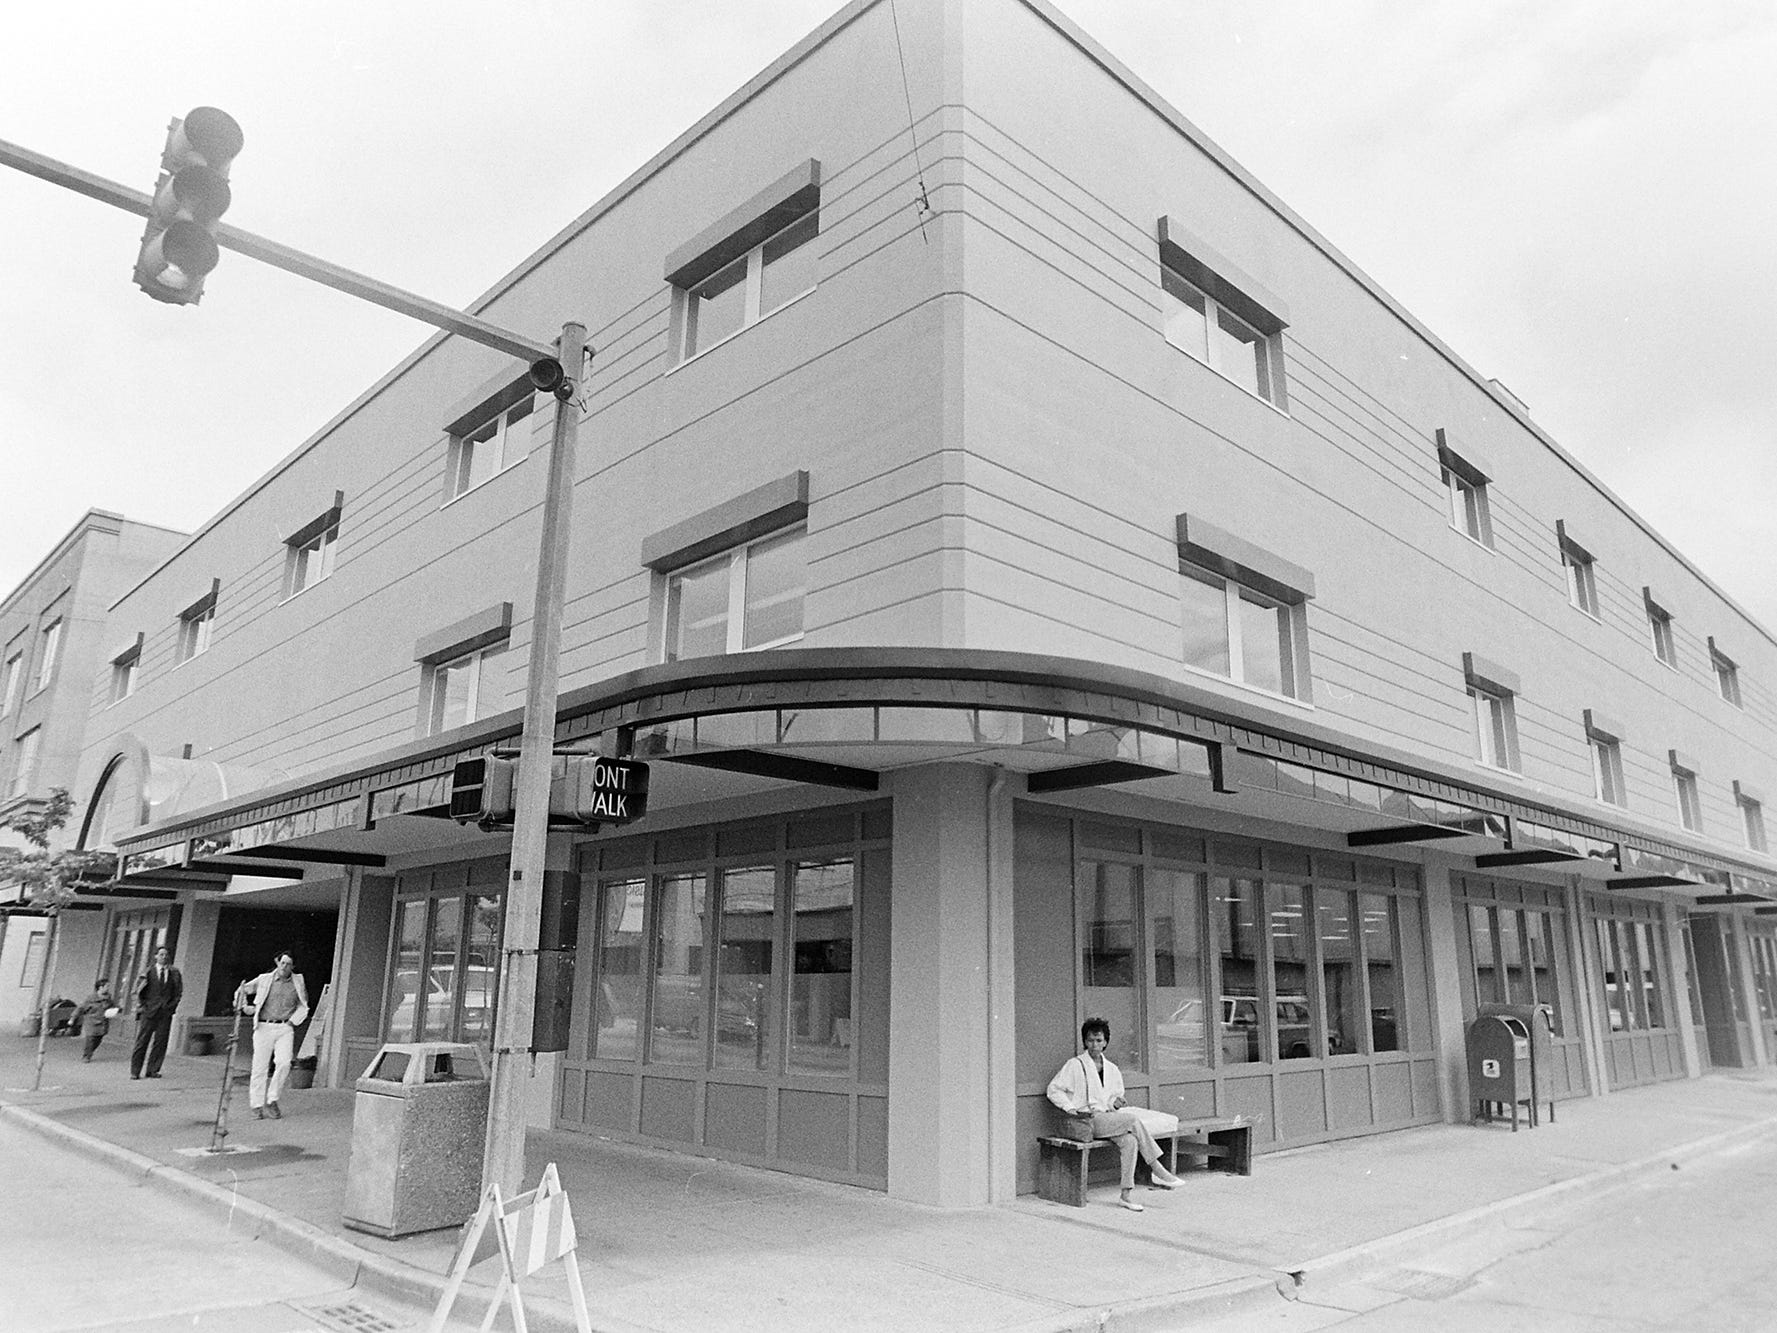 05/19/88Bremer-Wykof Building Dedication